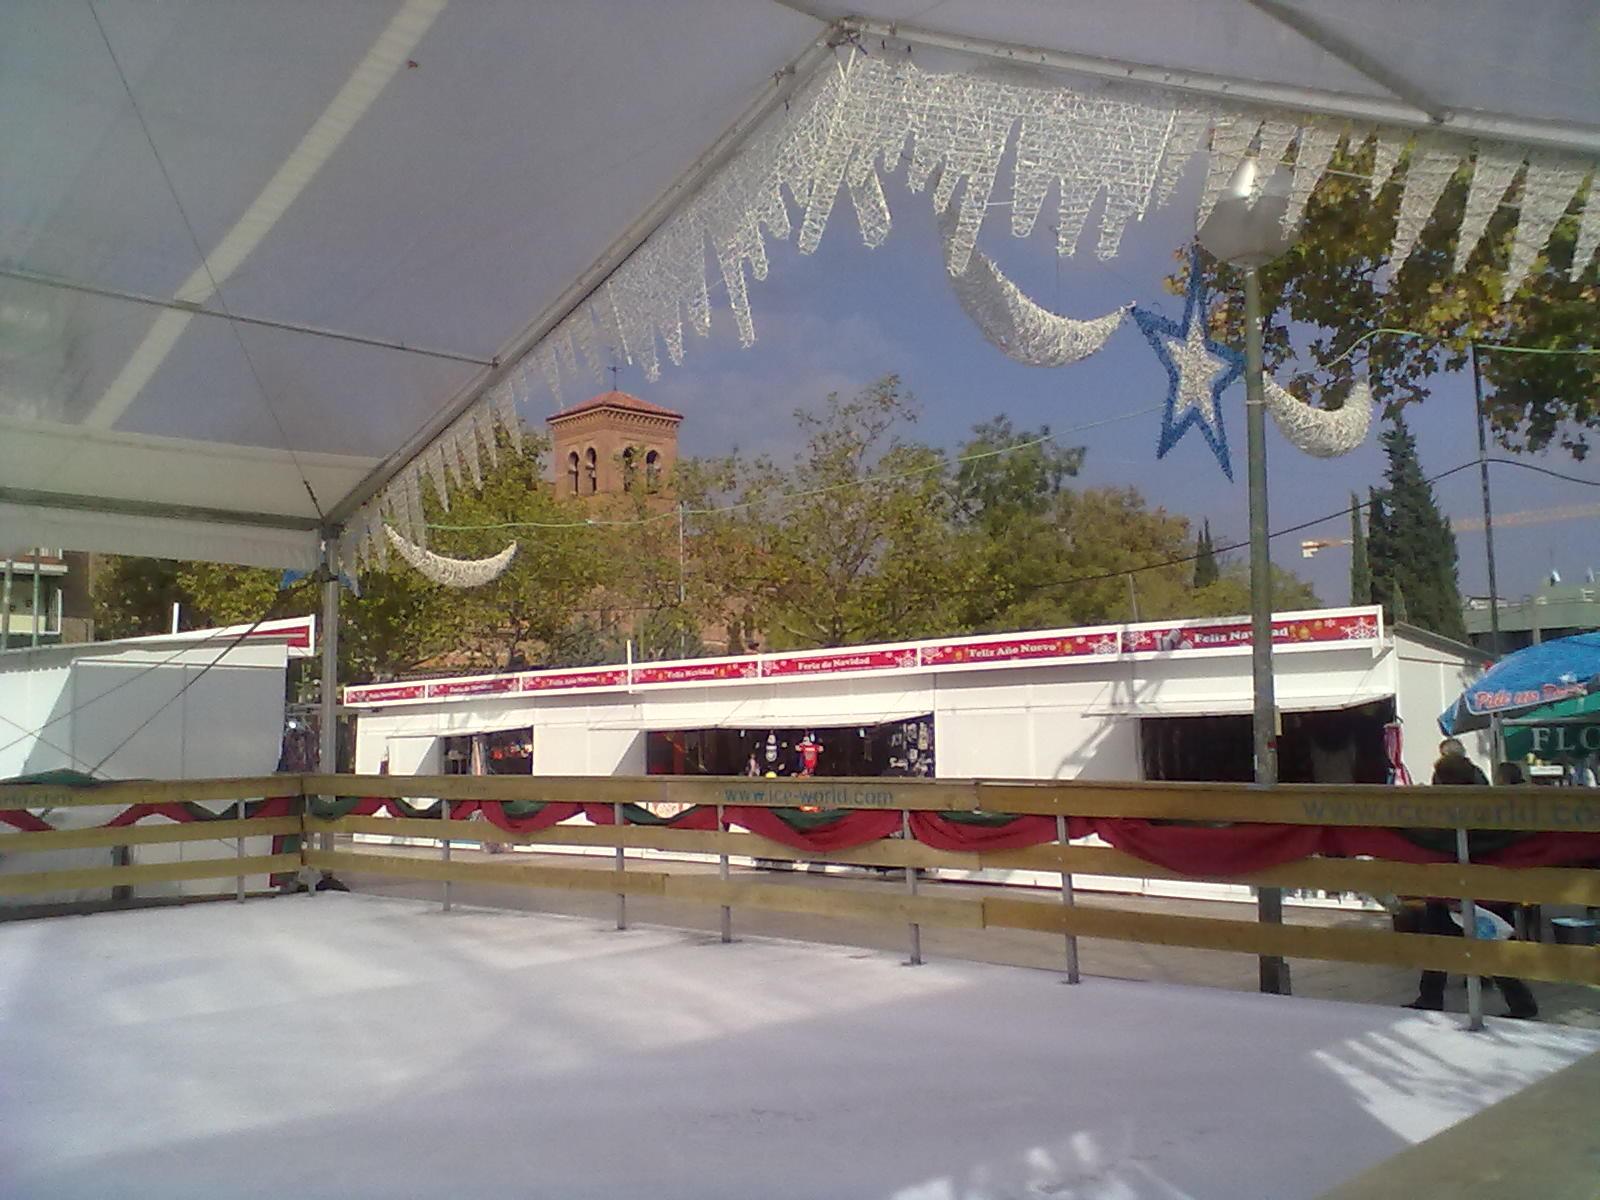 Nosolometro pistas de patinaje sobre hielo en madrid para - Plaza norte majadahonda ...